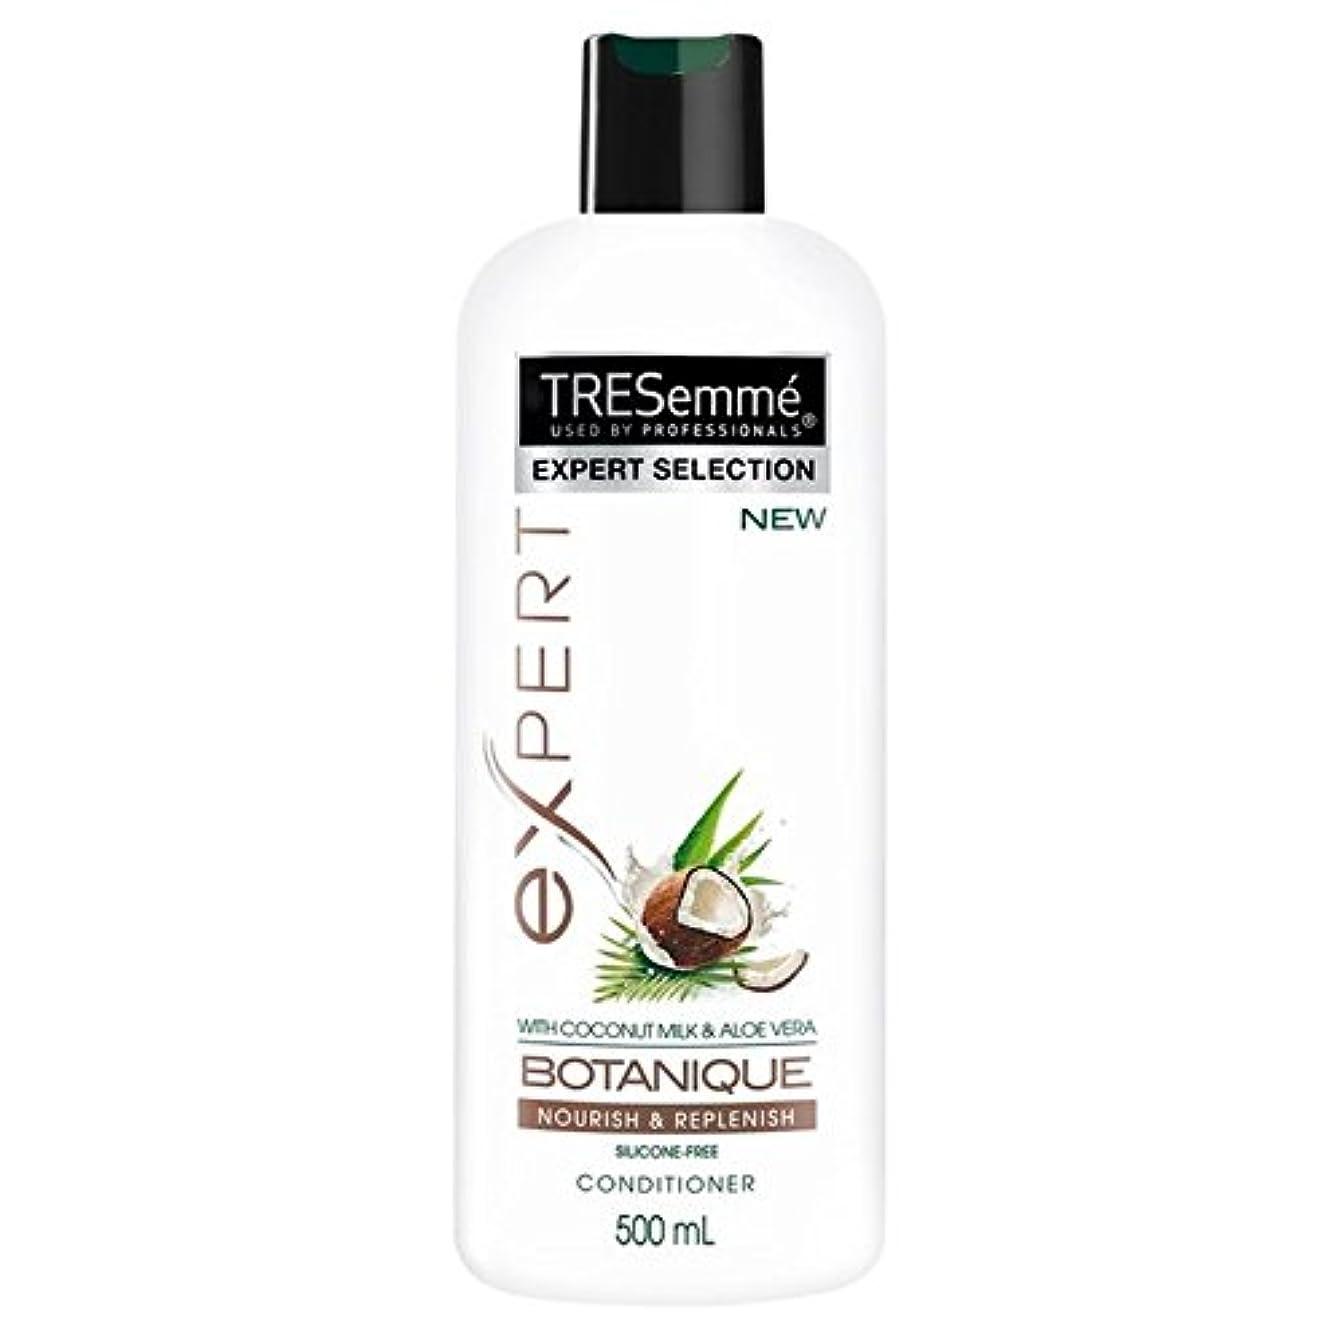 松の木ボイド謝罪TRESemme Botanique Nourish & Replenish Conditioner 500ml - のボタニックを養う&コンディショナー500ミリリットルを補充します [並行輸入品]